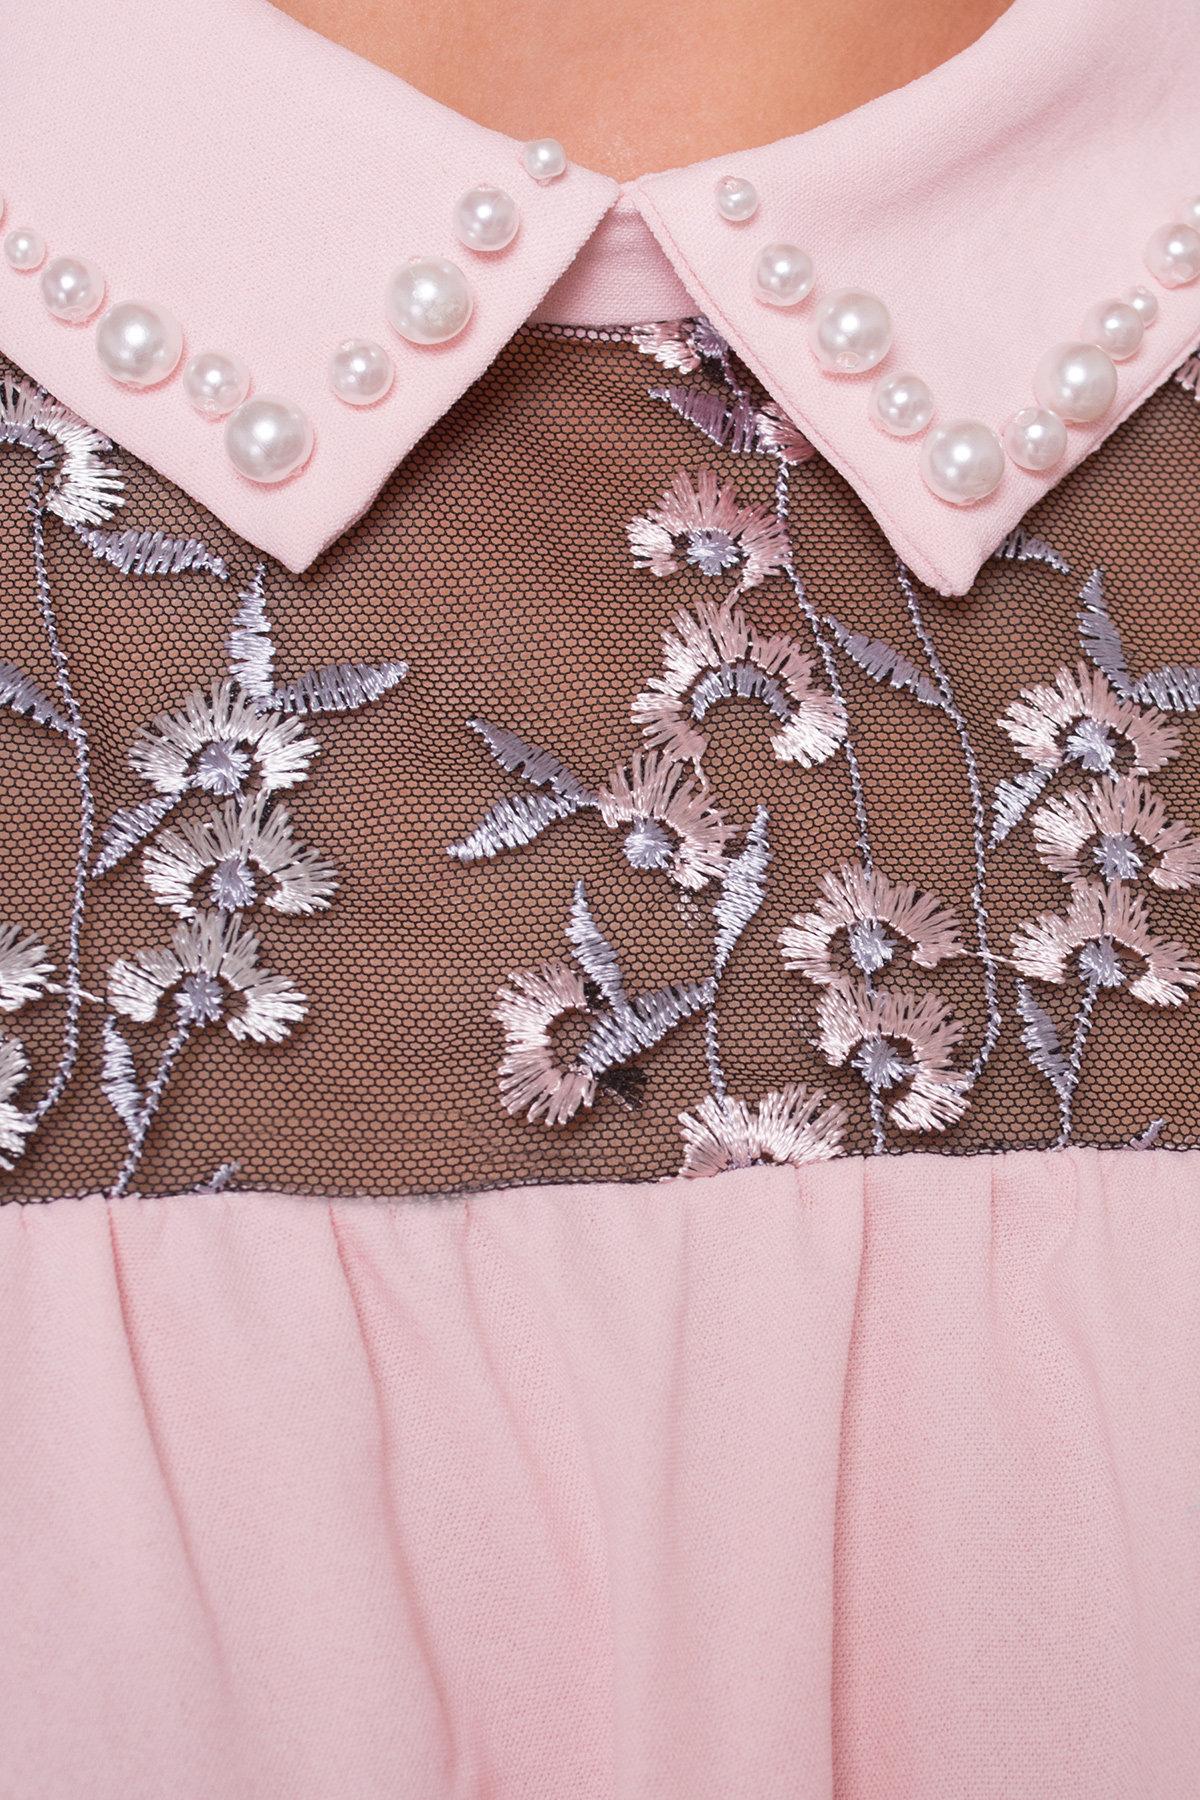 Блуза Джету 5127 АРТ. 36001 Цвет: Розовый Светлый - фото 4, интернет магазин tm-modus.ru